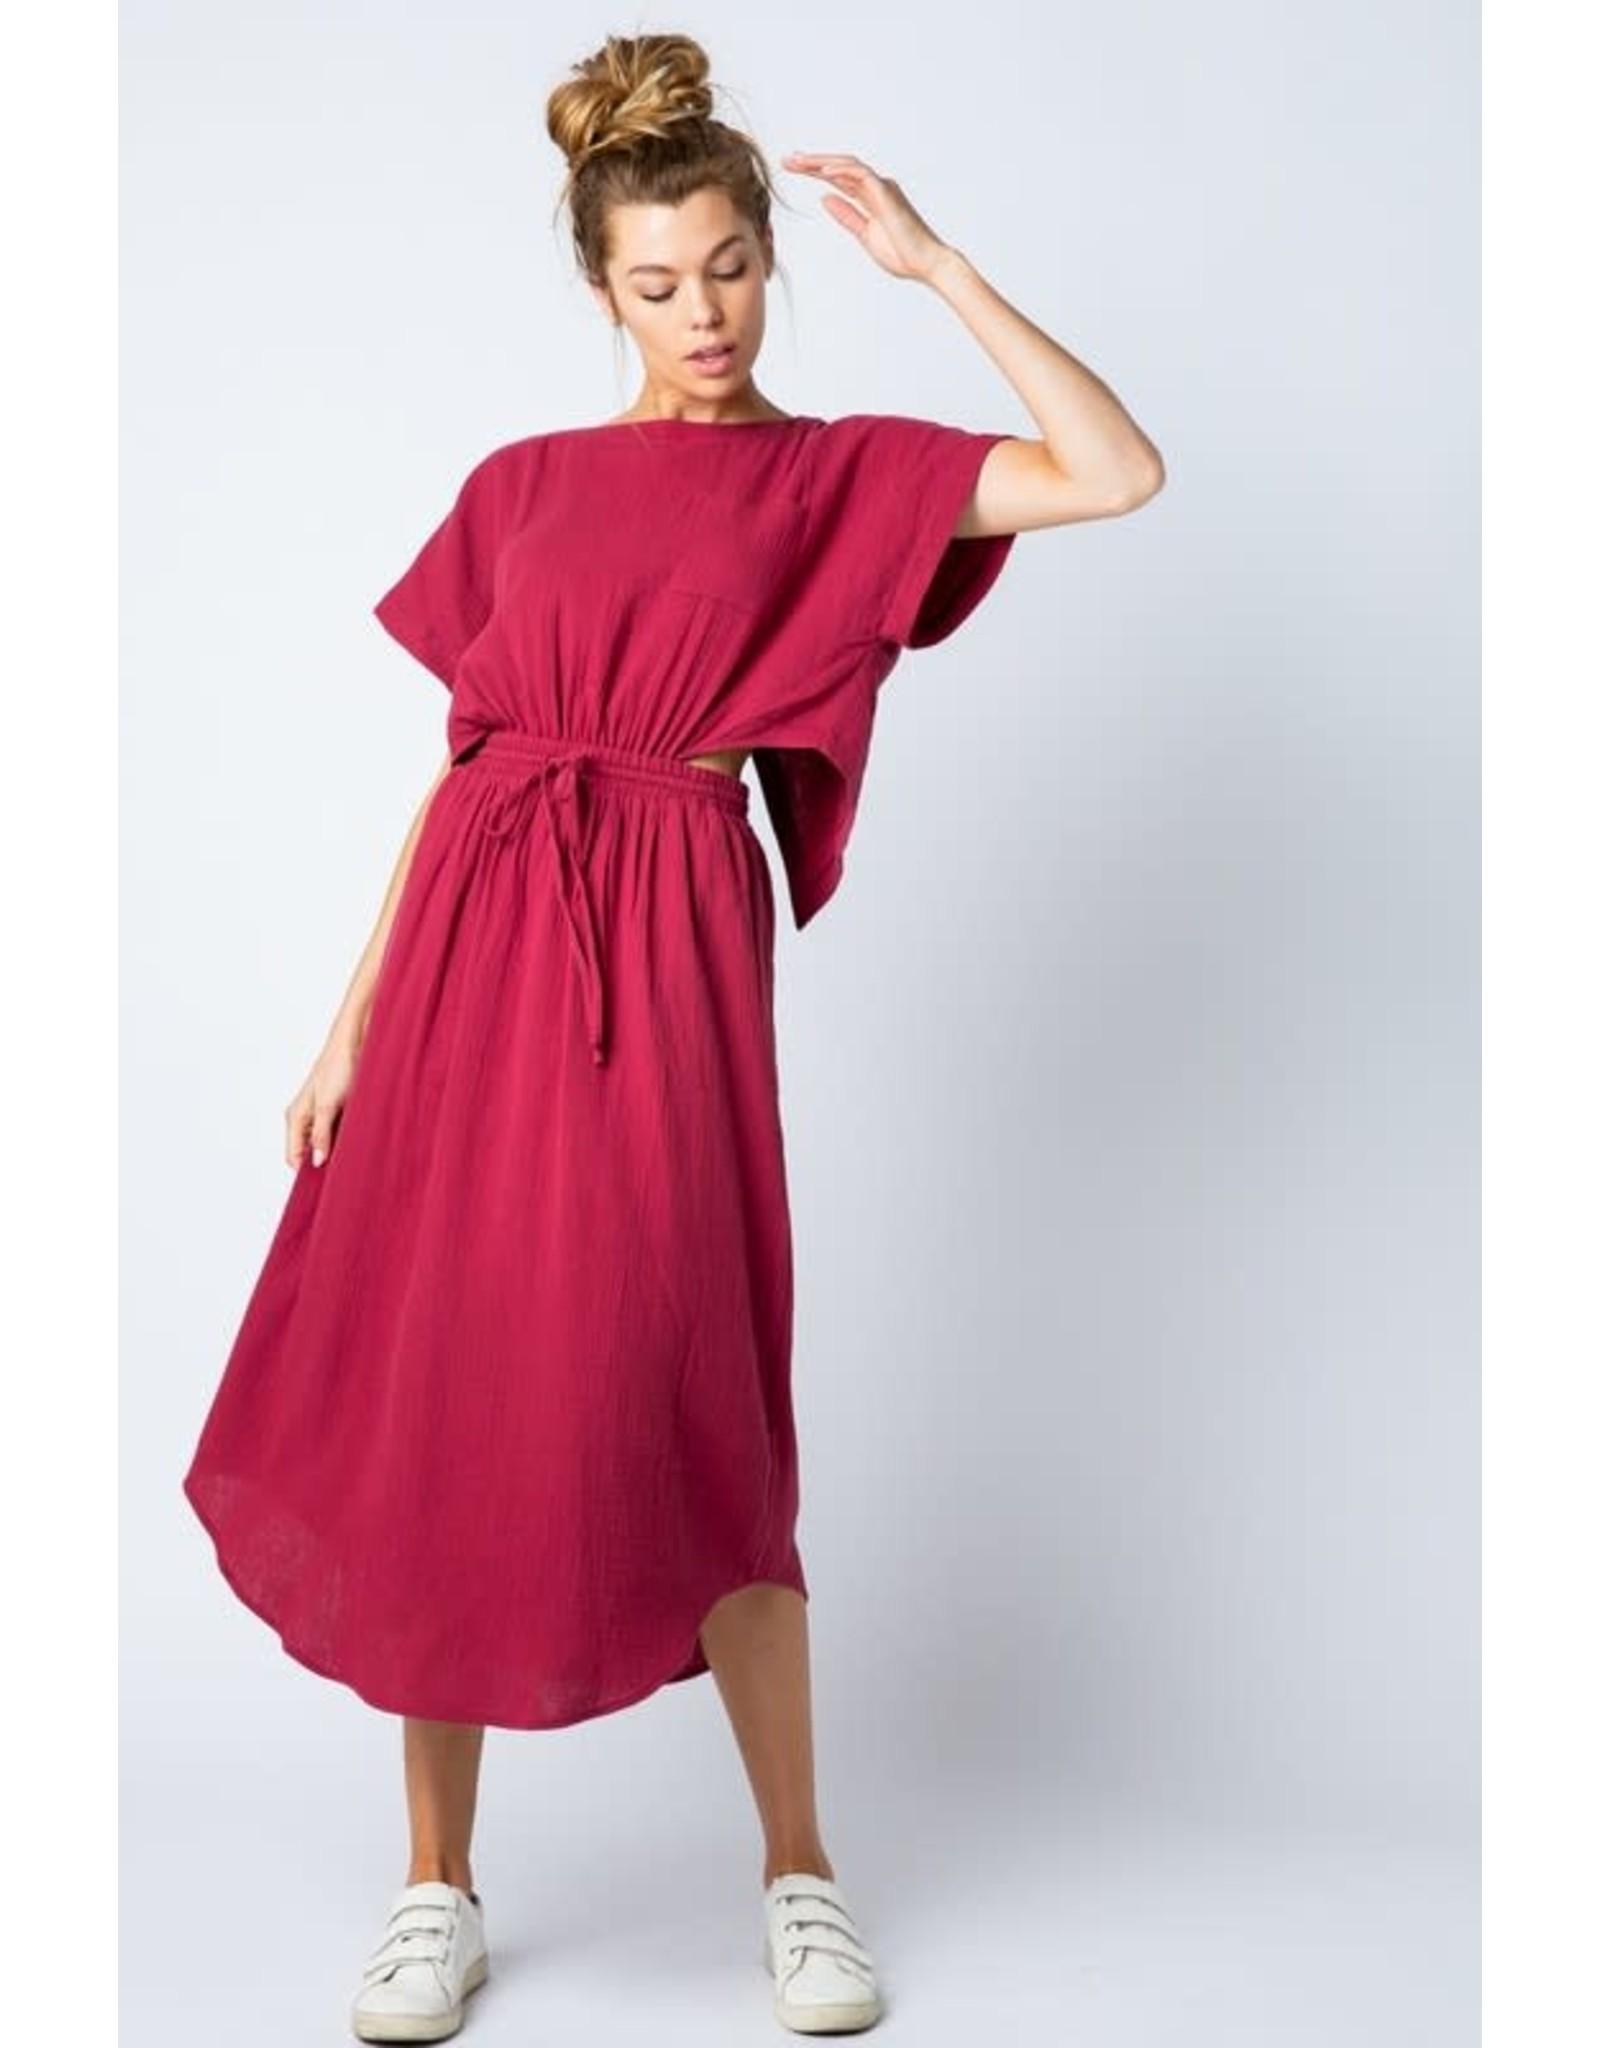 Skydiver Dress